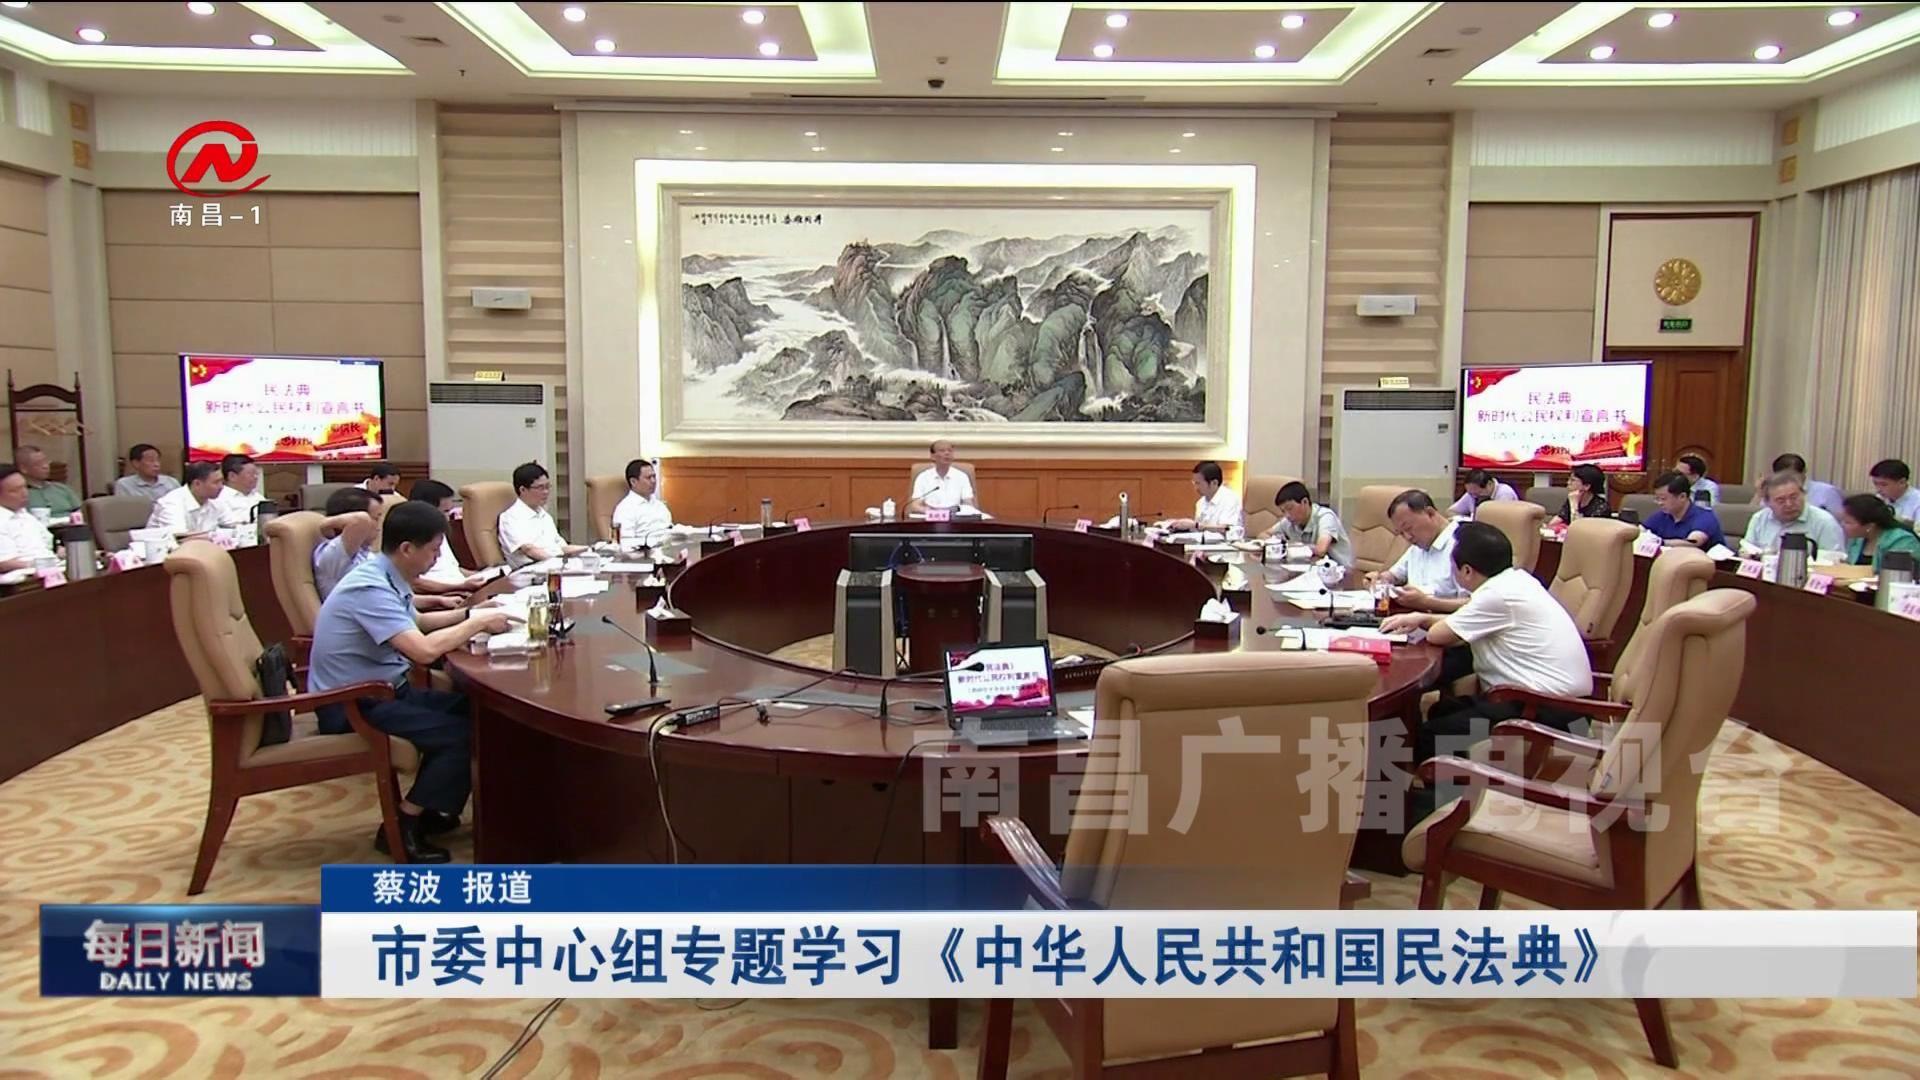 市委中心组专题学习《中华人民共和国民法典》